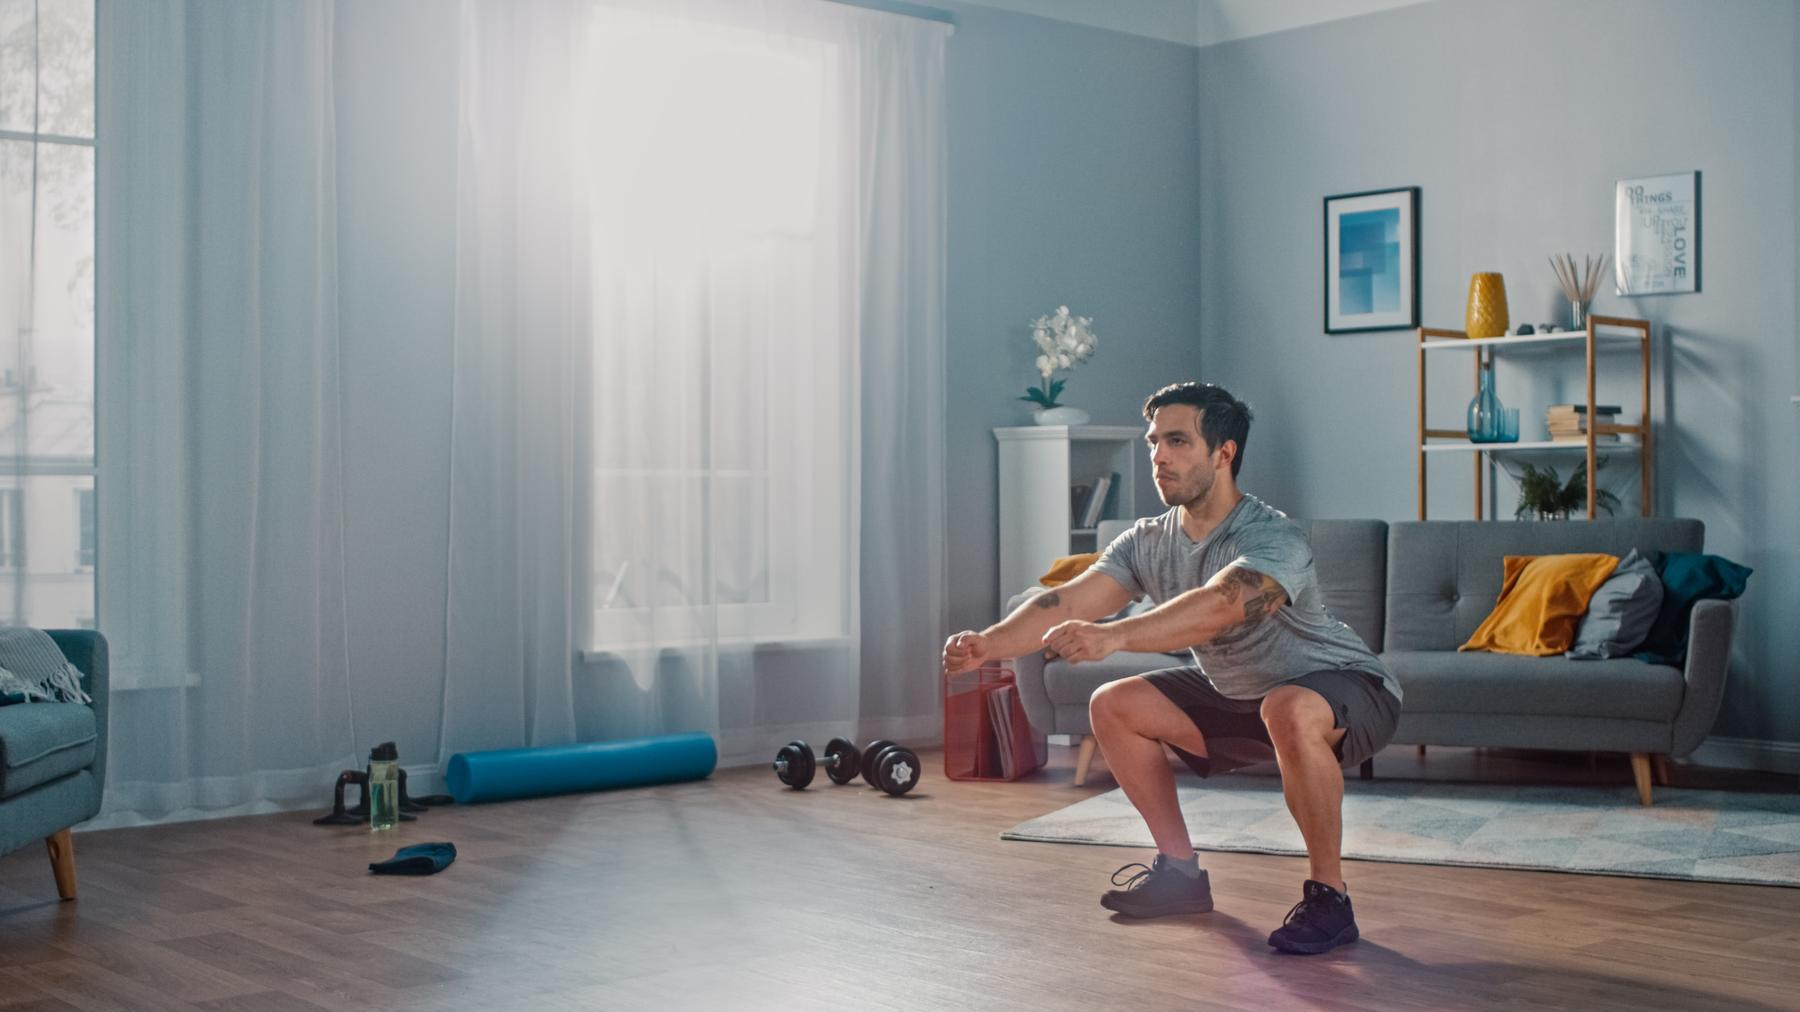 Wie man als Anfänger von zu Hause aus trainiert | 17 Home Workout Übungen mit & ohne Equipment